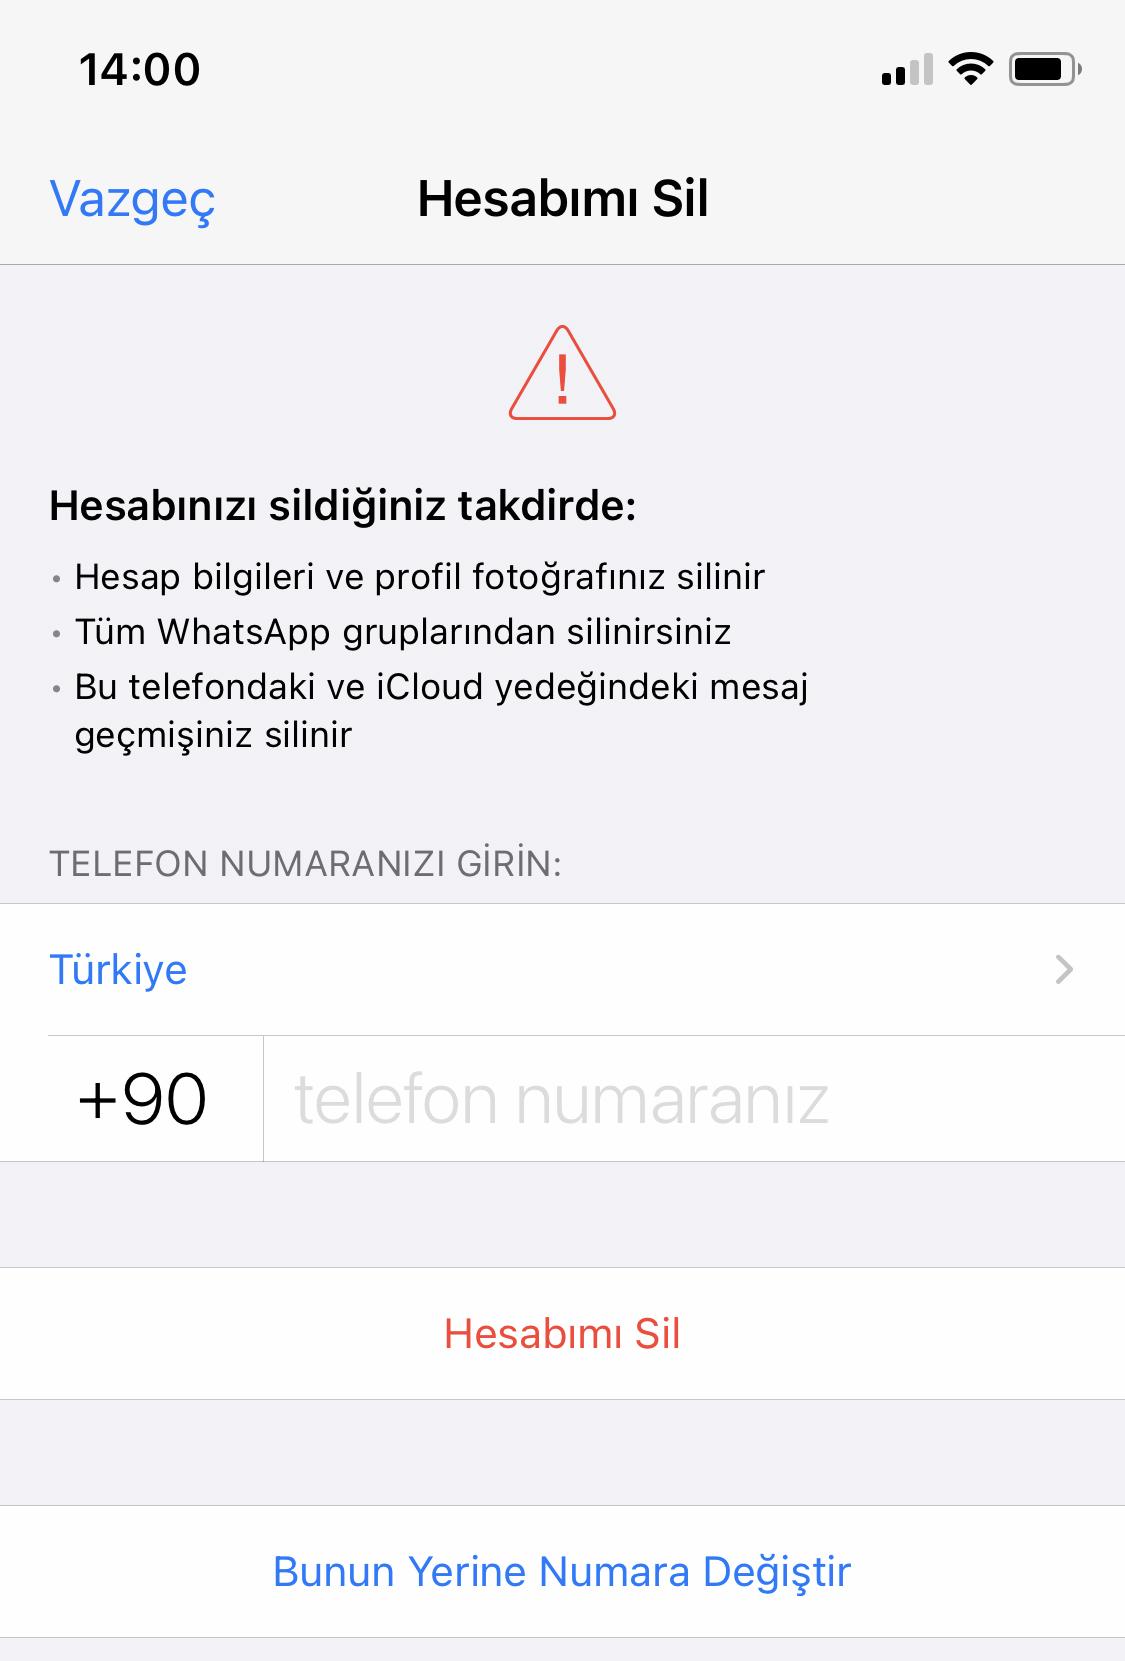 WhatsApp Hesabı Kalıcı Olarak Nasıl Silinir? 2